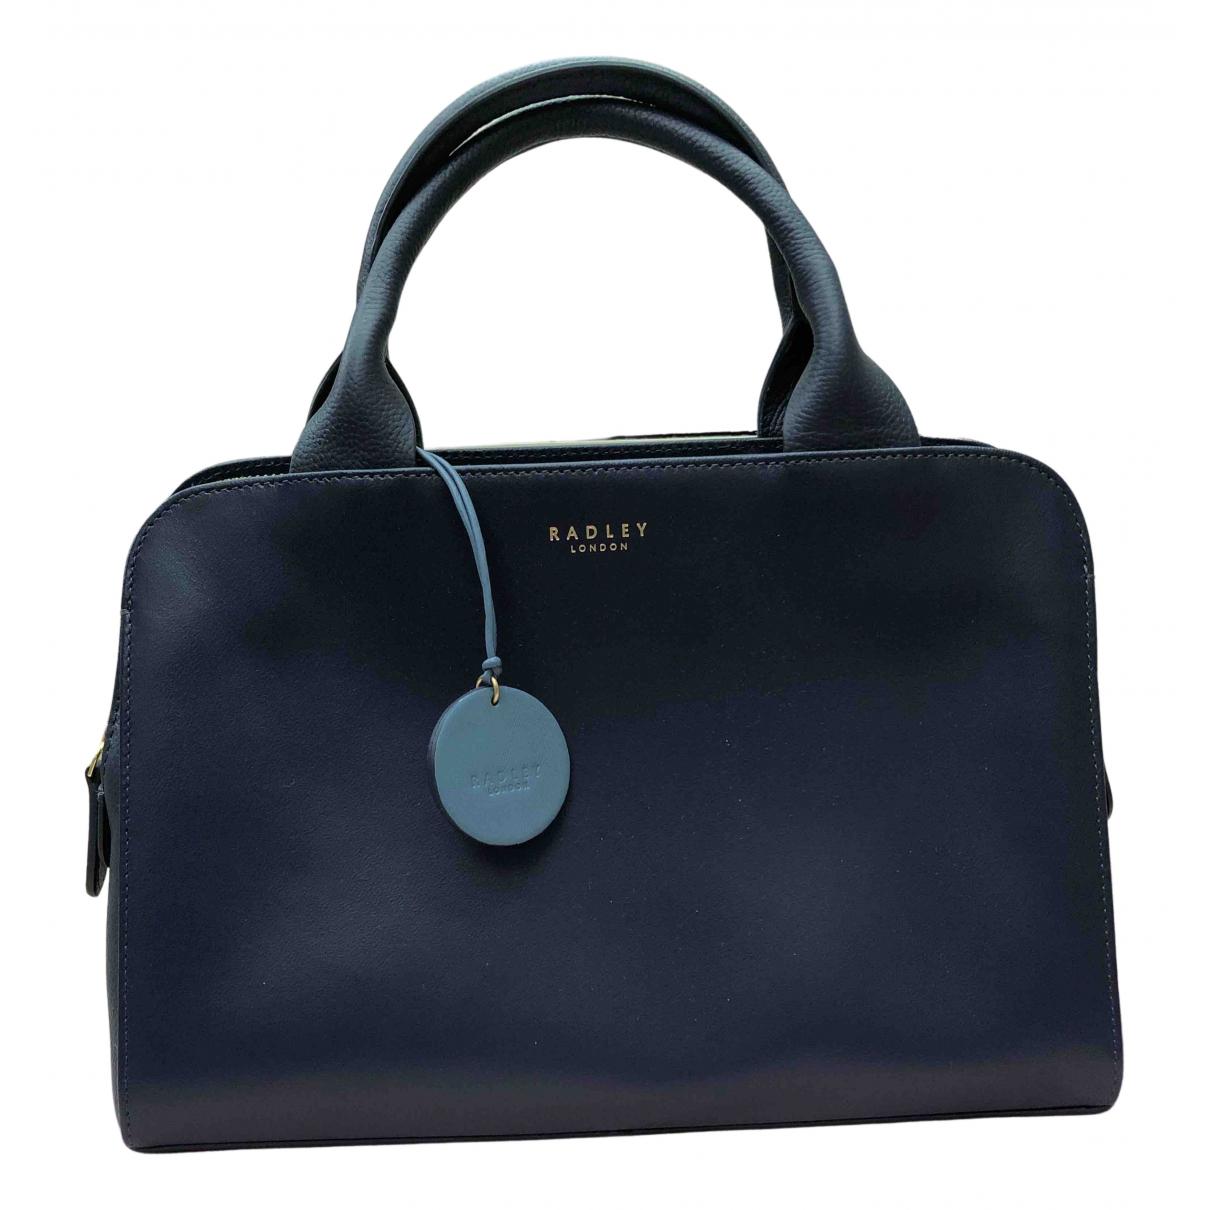 Radley London \N Handtasche in  Blau Leder